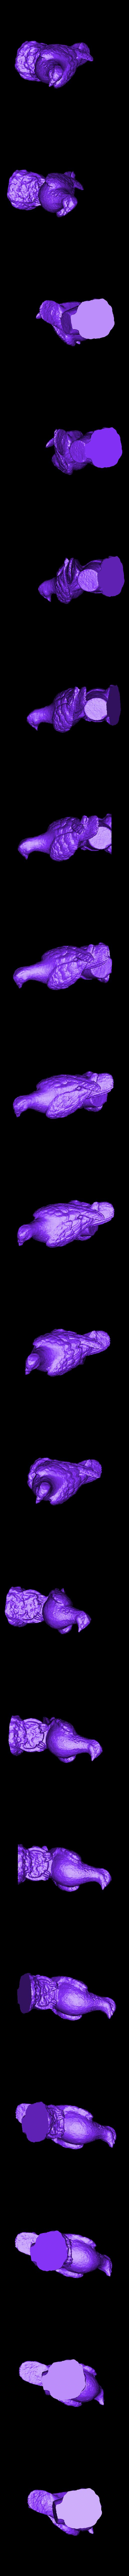 pigeon-6.stl Télécharger fichier STL gratuit pigeon (scanner avec téléphone, traiter avec (recap photo) sur pc) • Design à imprimer en 3D, YOHAN_3D